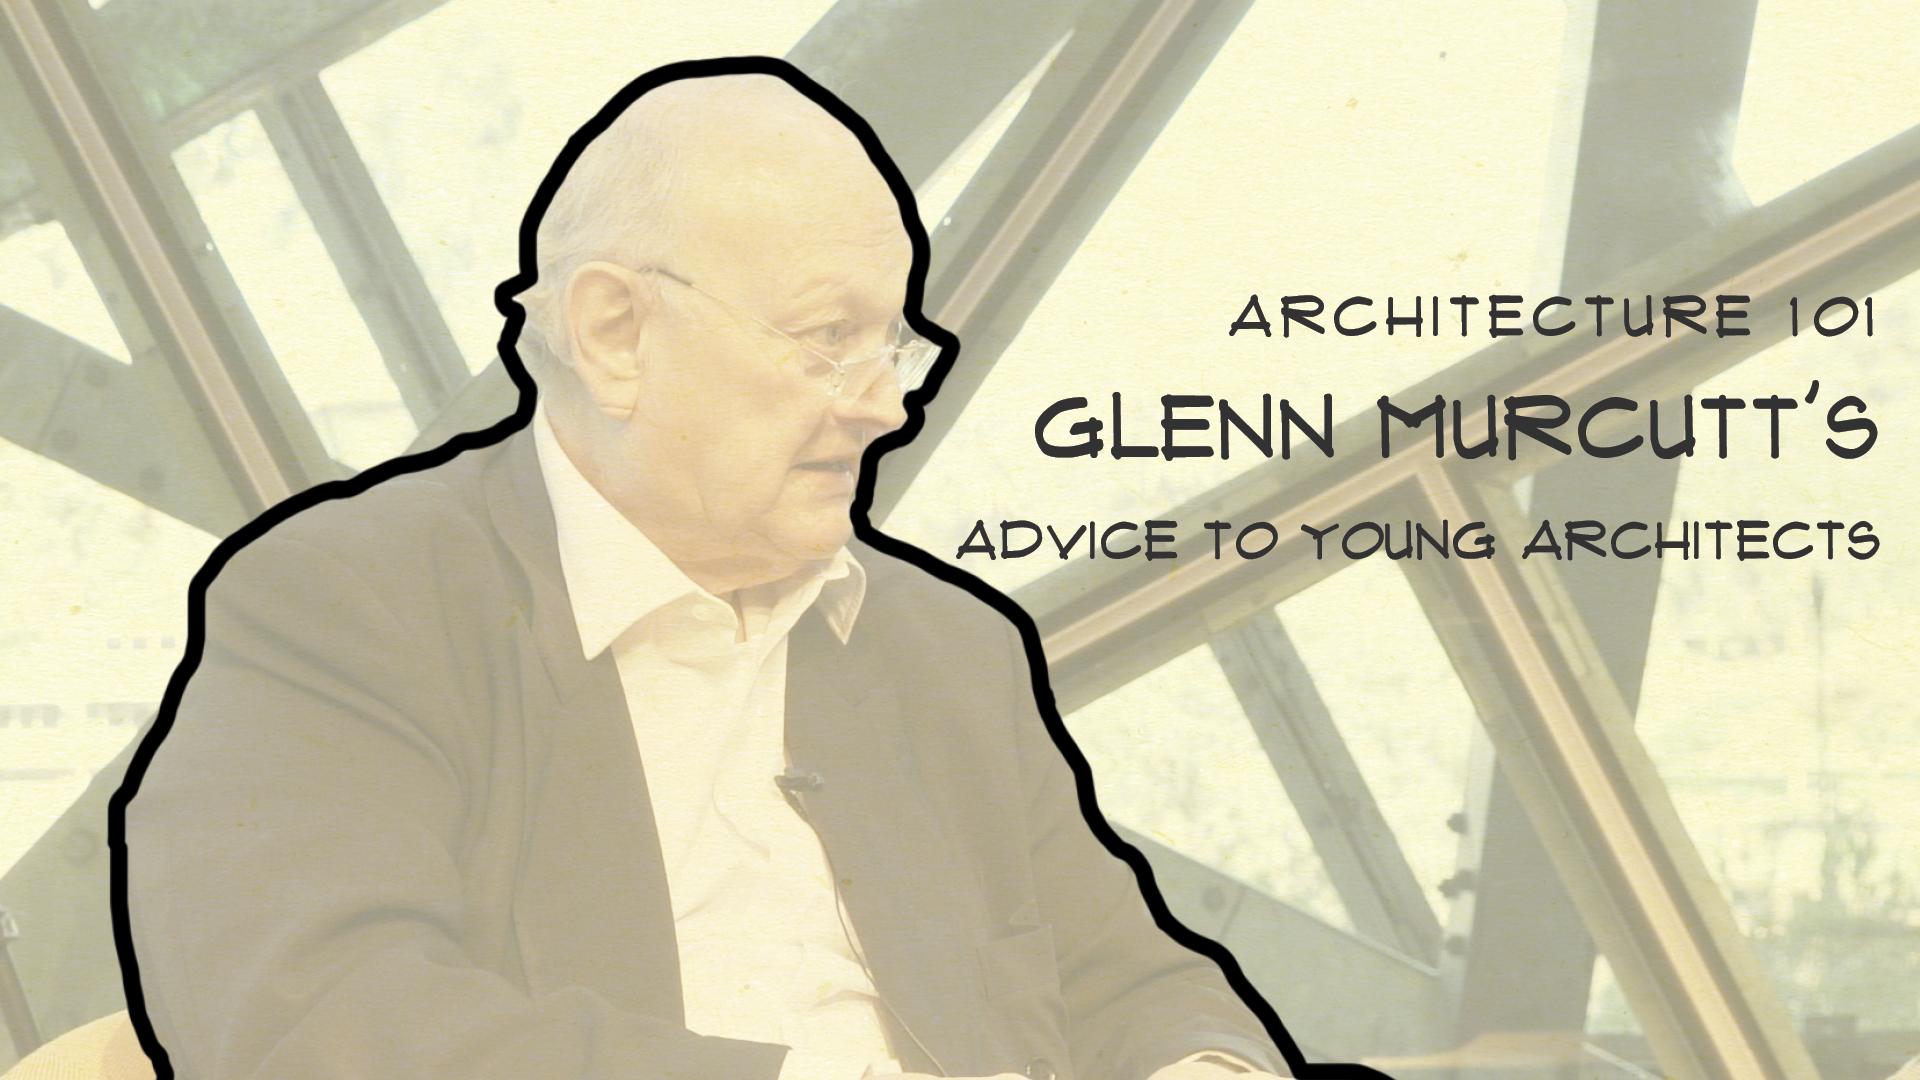 Glenn Murcutt advice